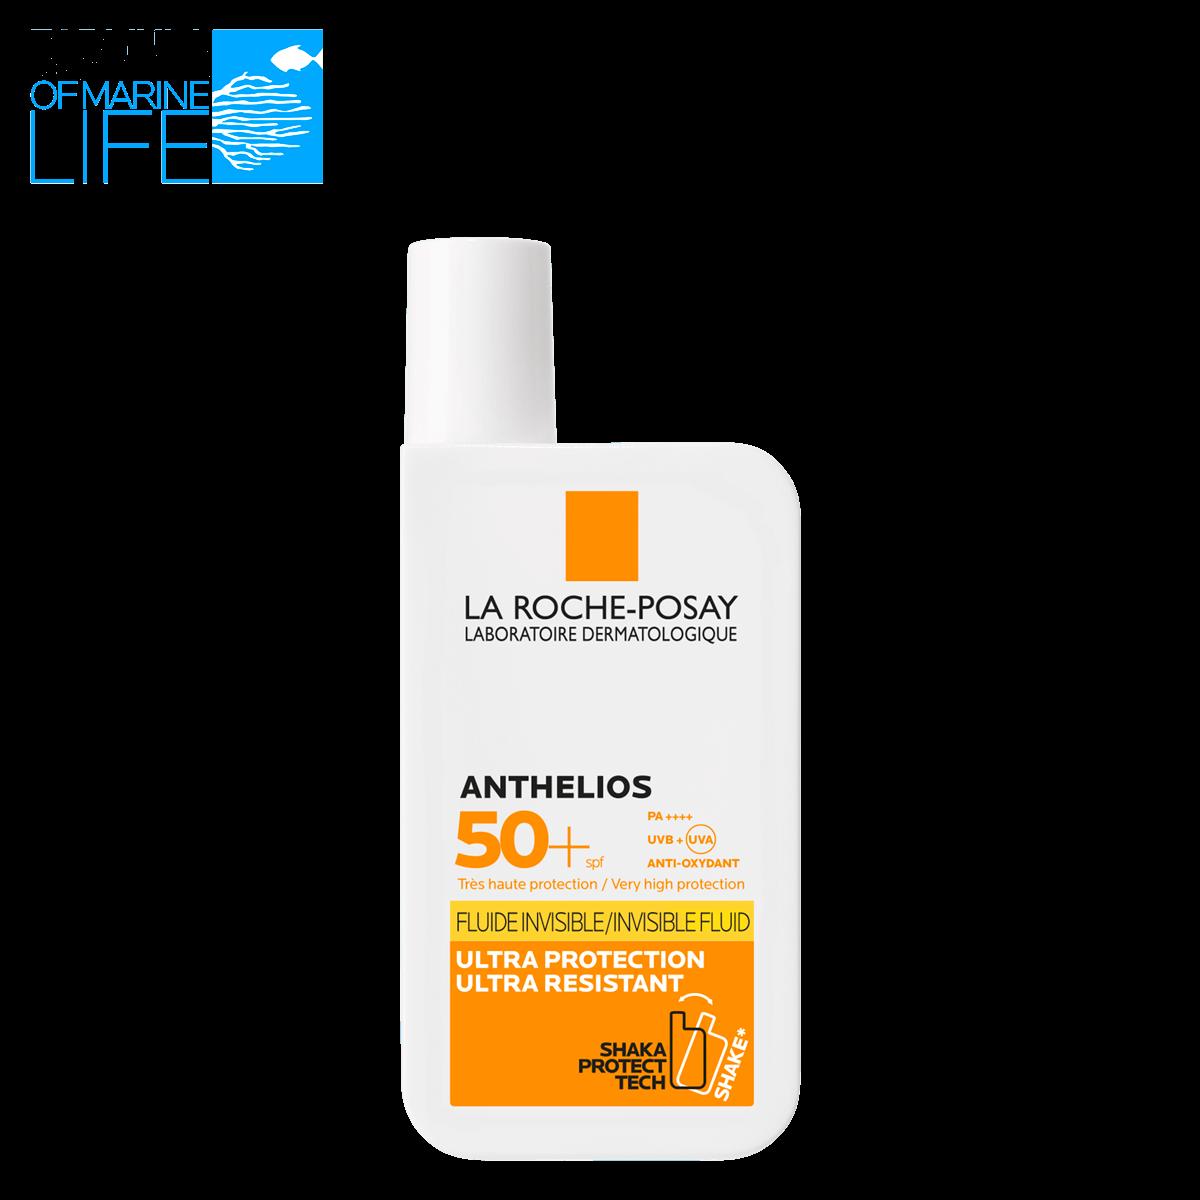 ANTHELIOS NIEWIDOCZNY FLUID SPF 50 przód | La Roche Posay